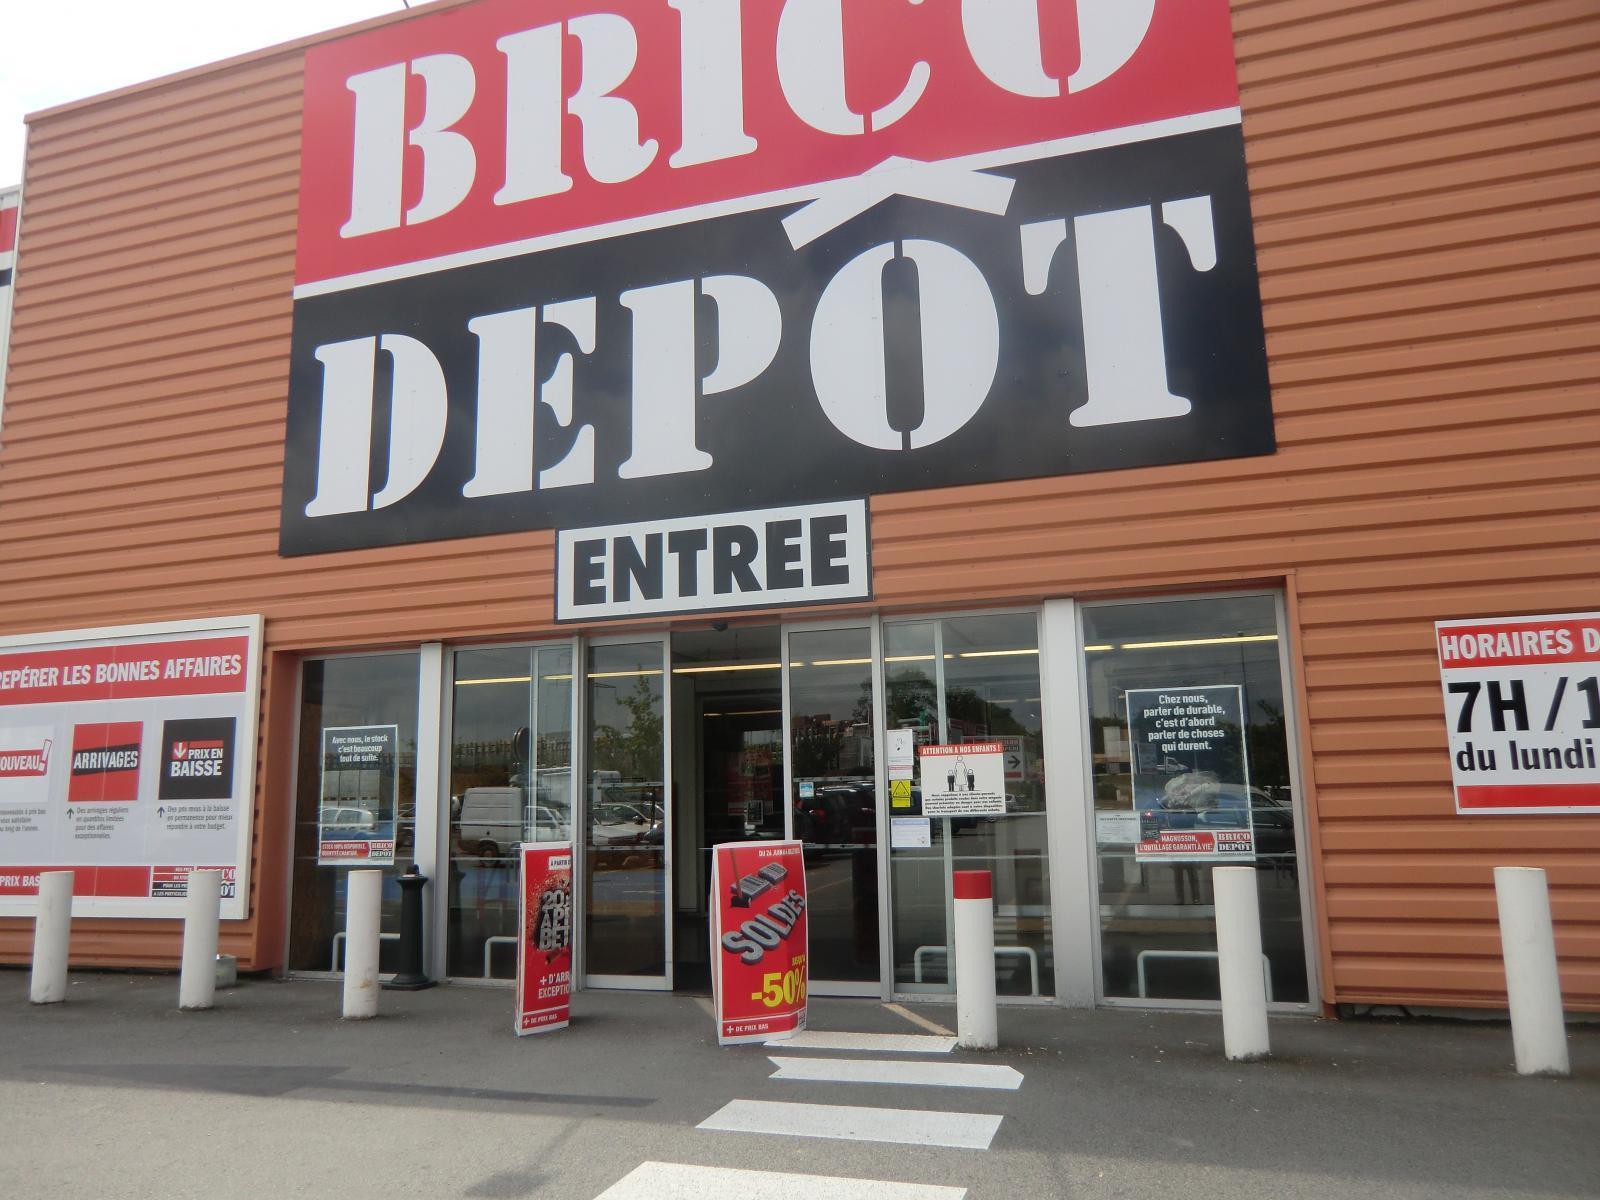 brico dpt cesson svign brico dpt cesson svign - Baignoire Salle De Bain Brico Depot